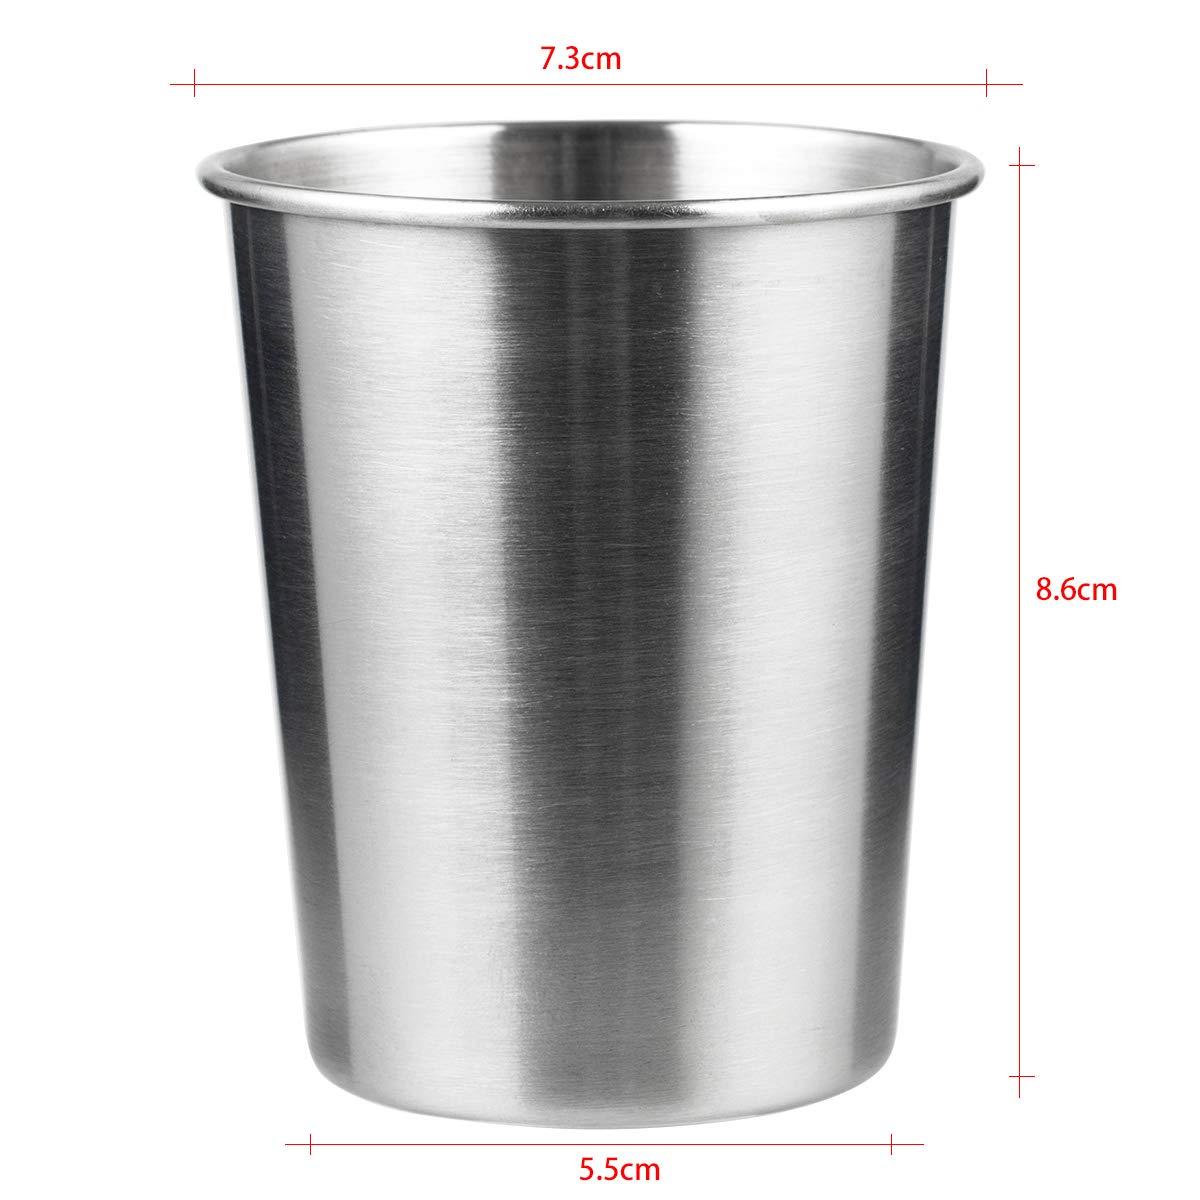 180ML Lot de 10 gobelets en acier inoxydable pour bi/ère verre /à bi/ère en m/étal